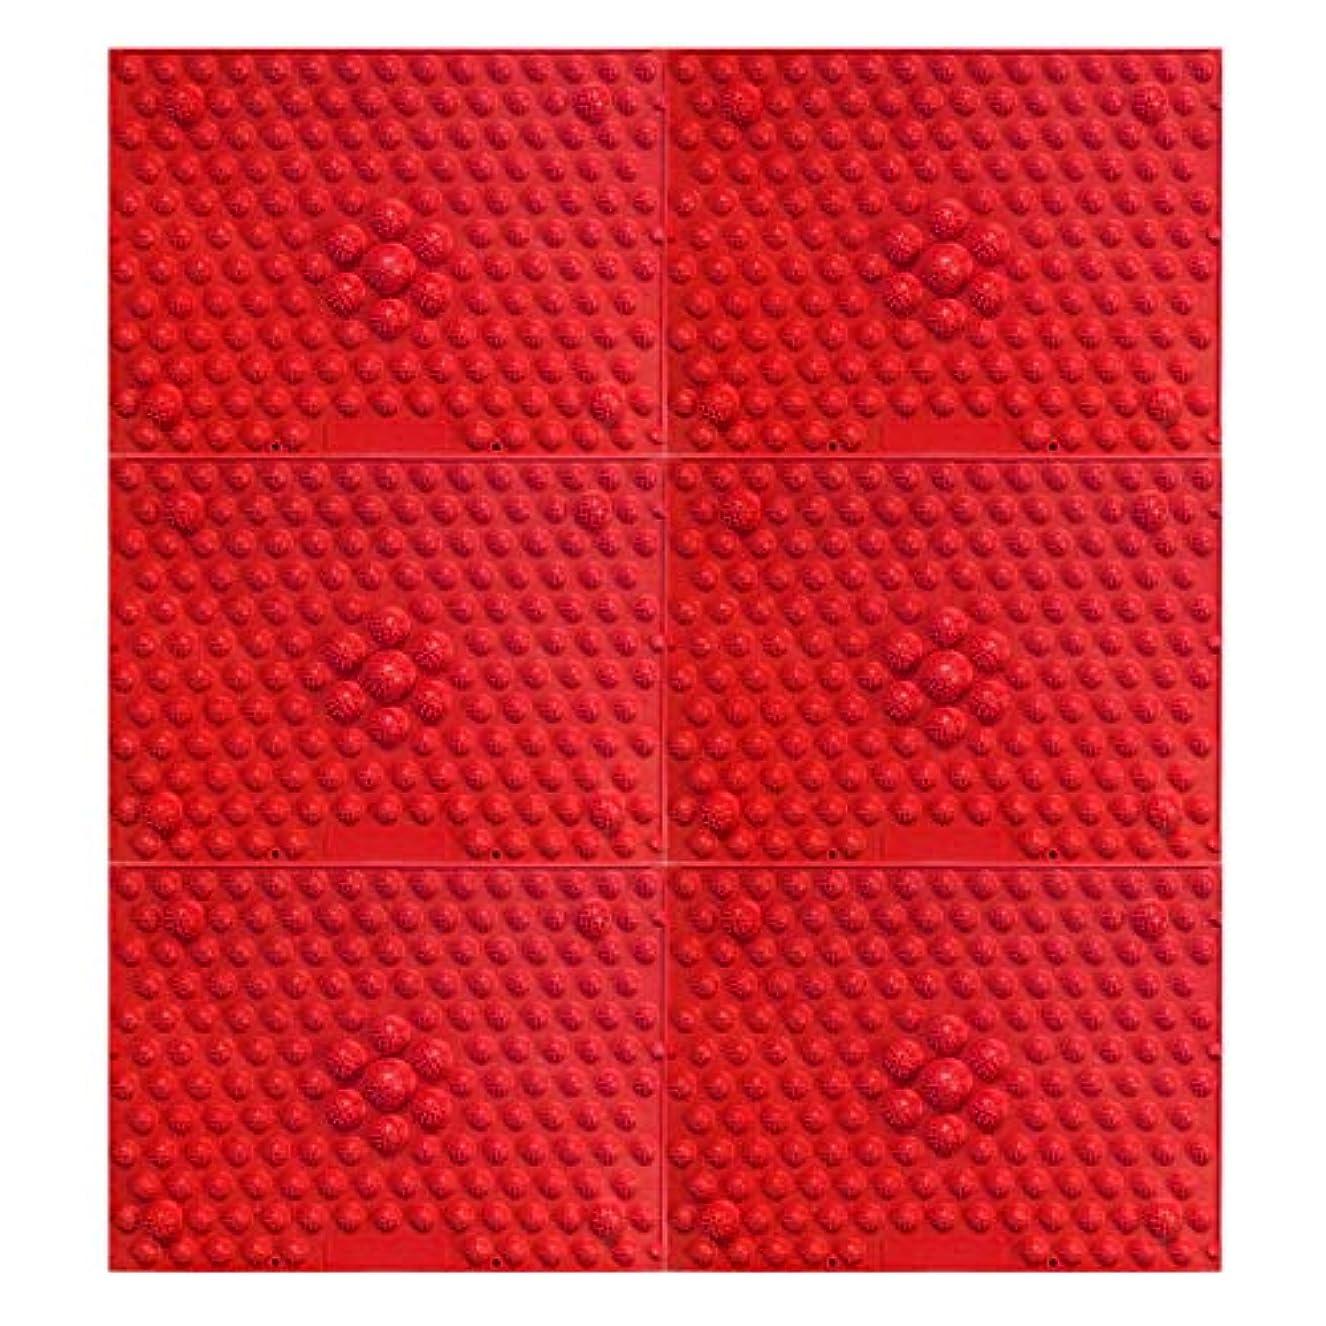 消防士接地却下する疲れsirazu(足踏みマット)ピンク6枚セット (赤)